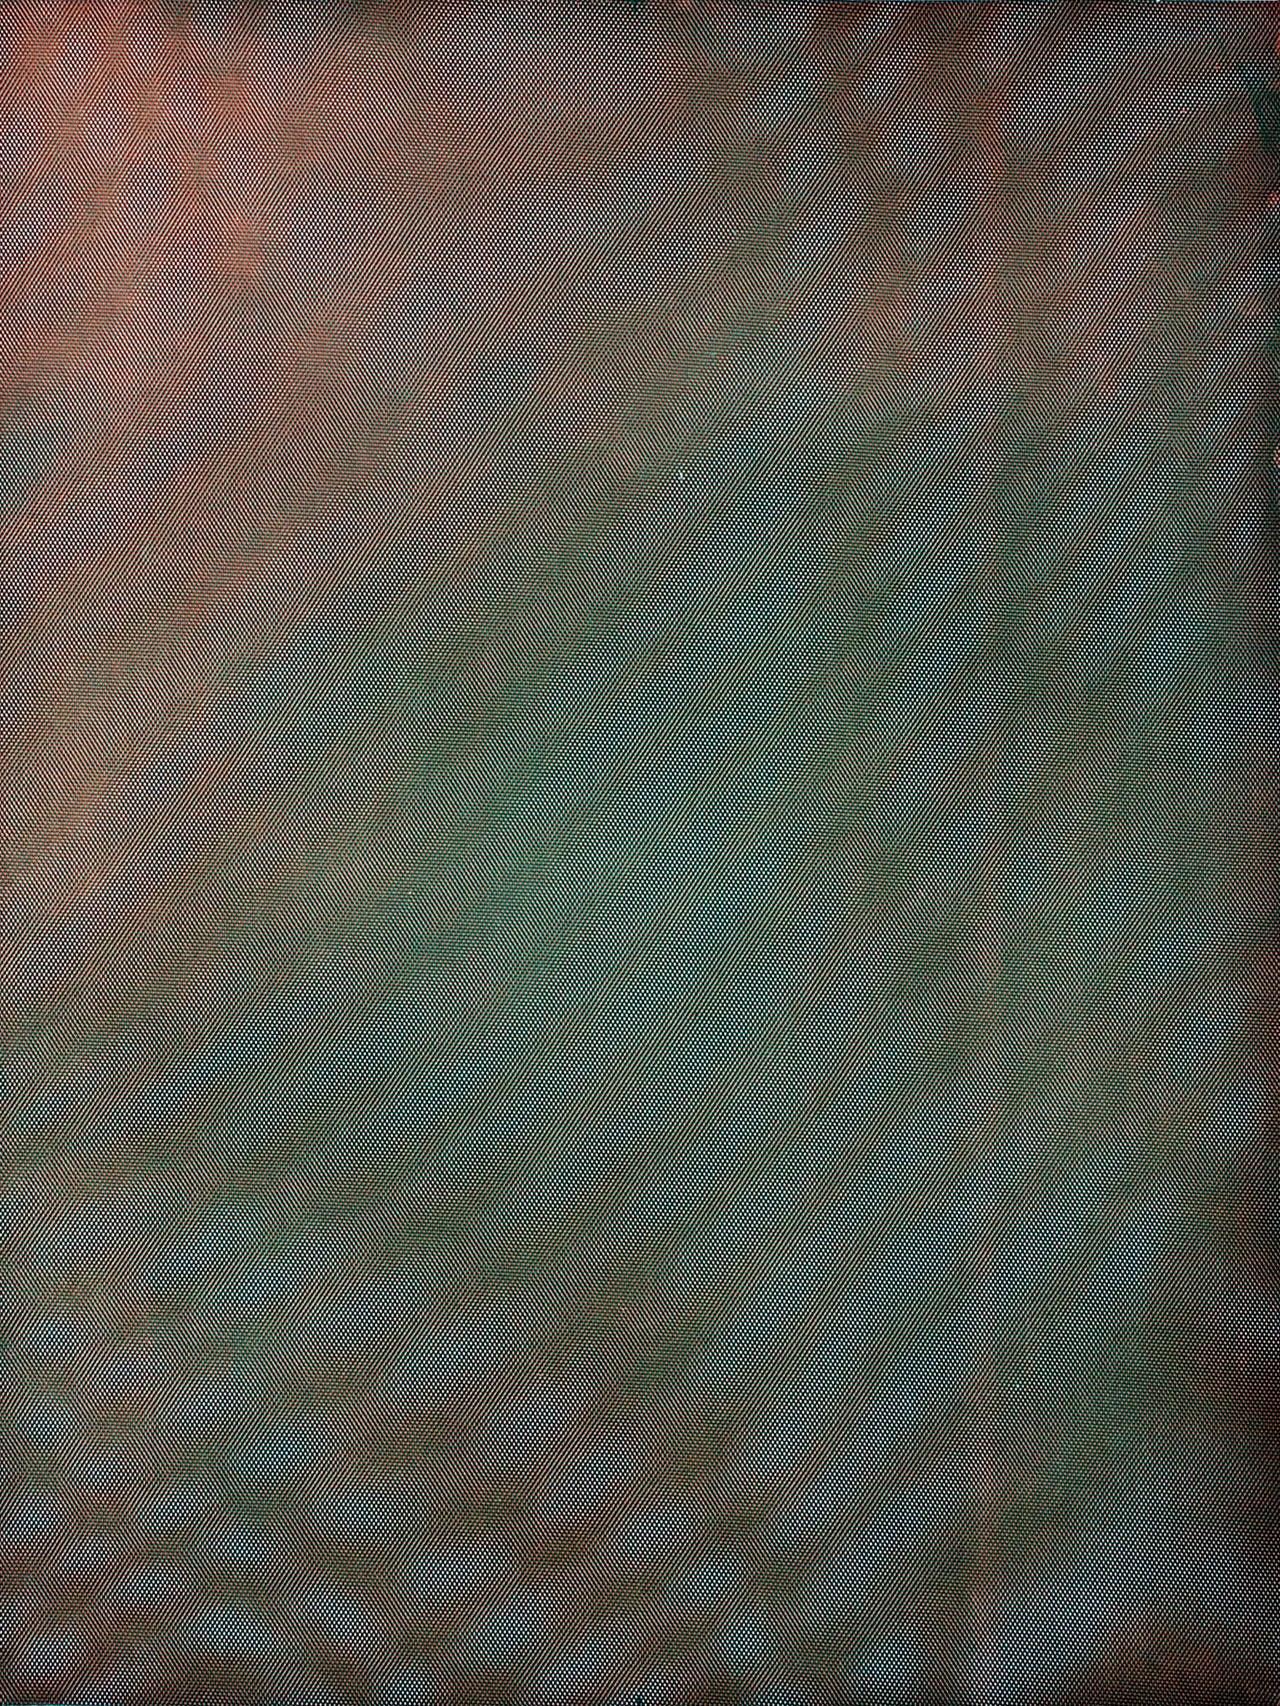 Mesh/Moire II, 2012, by Tauba Auerbach